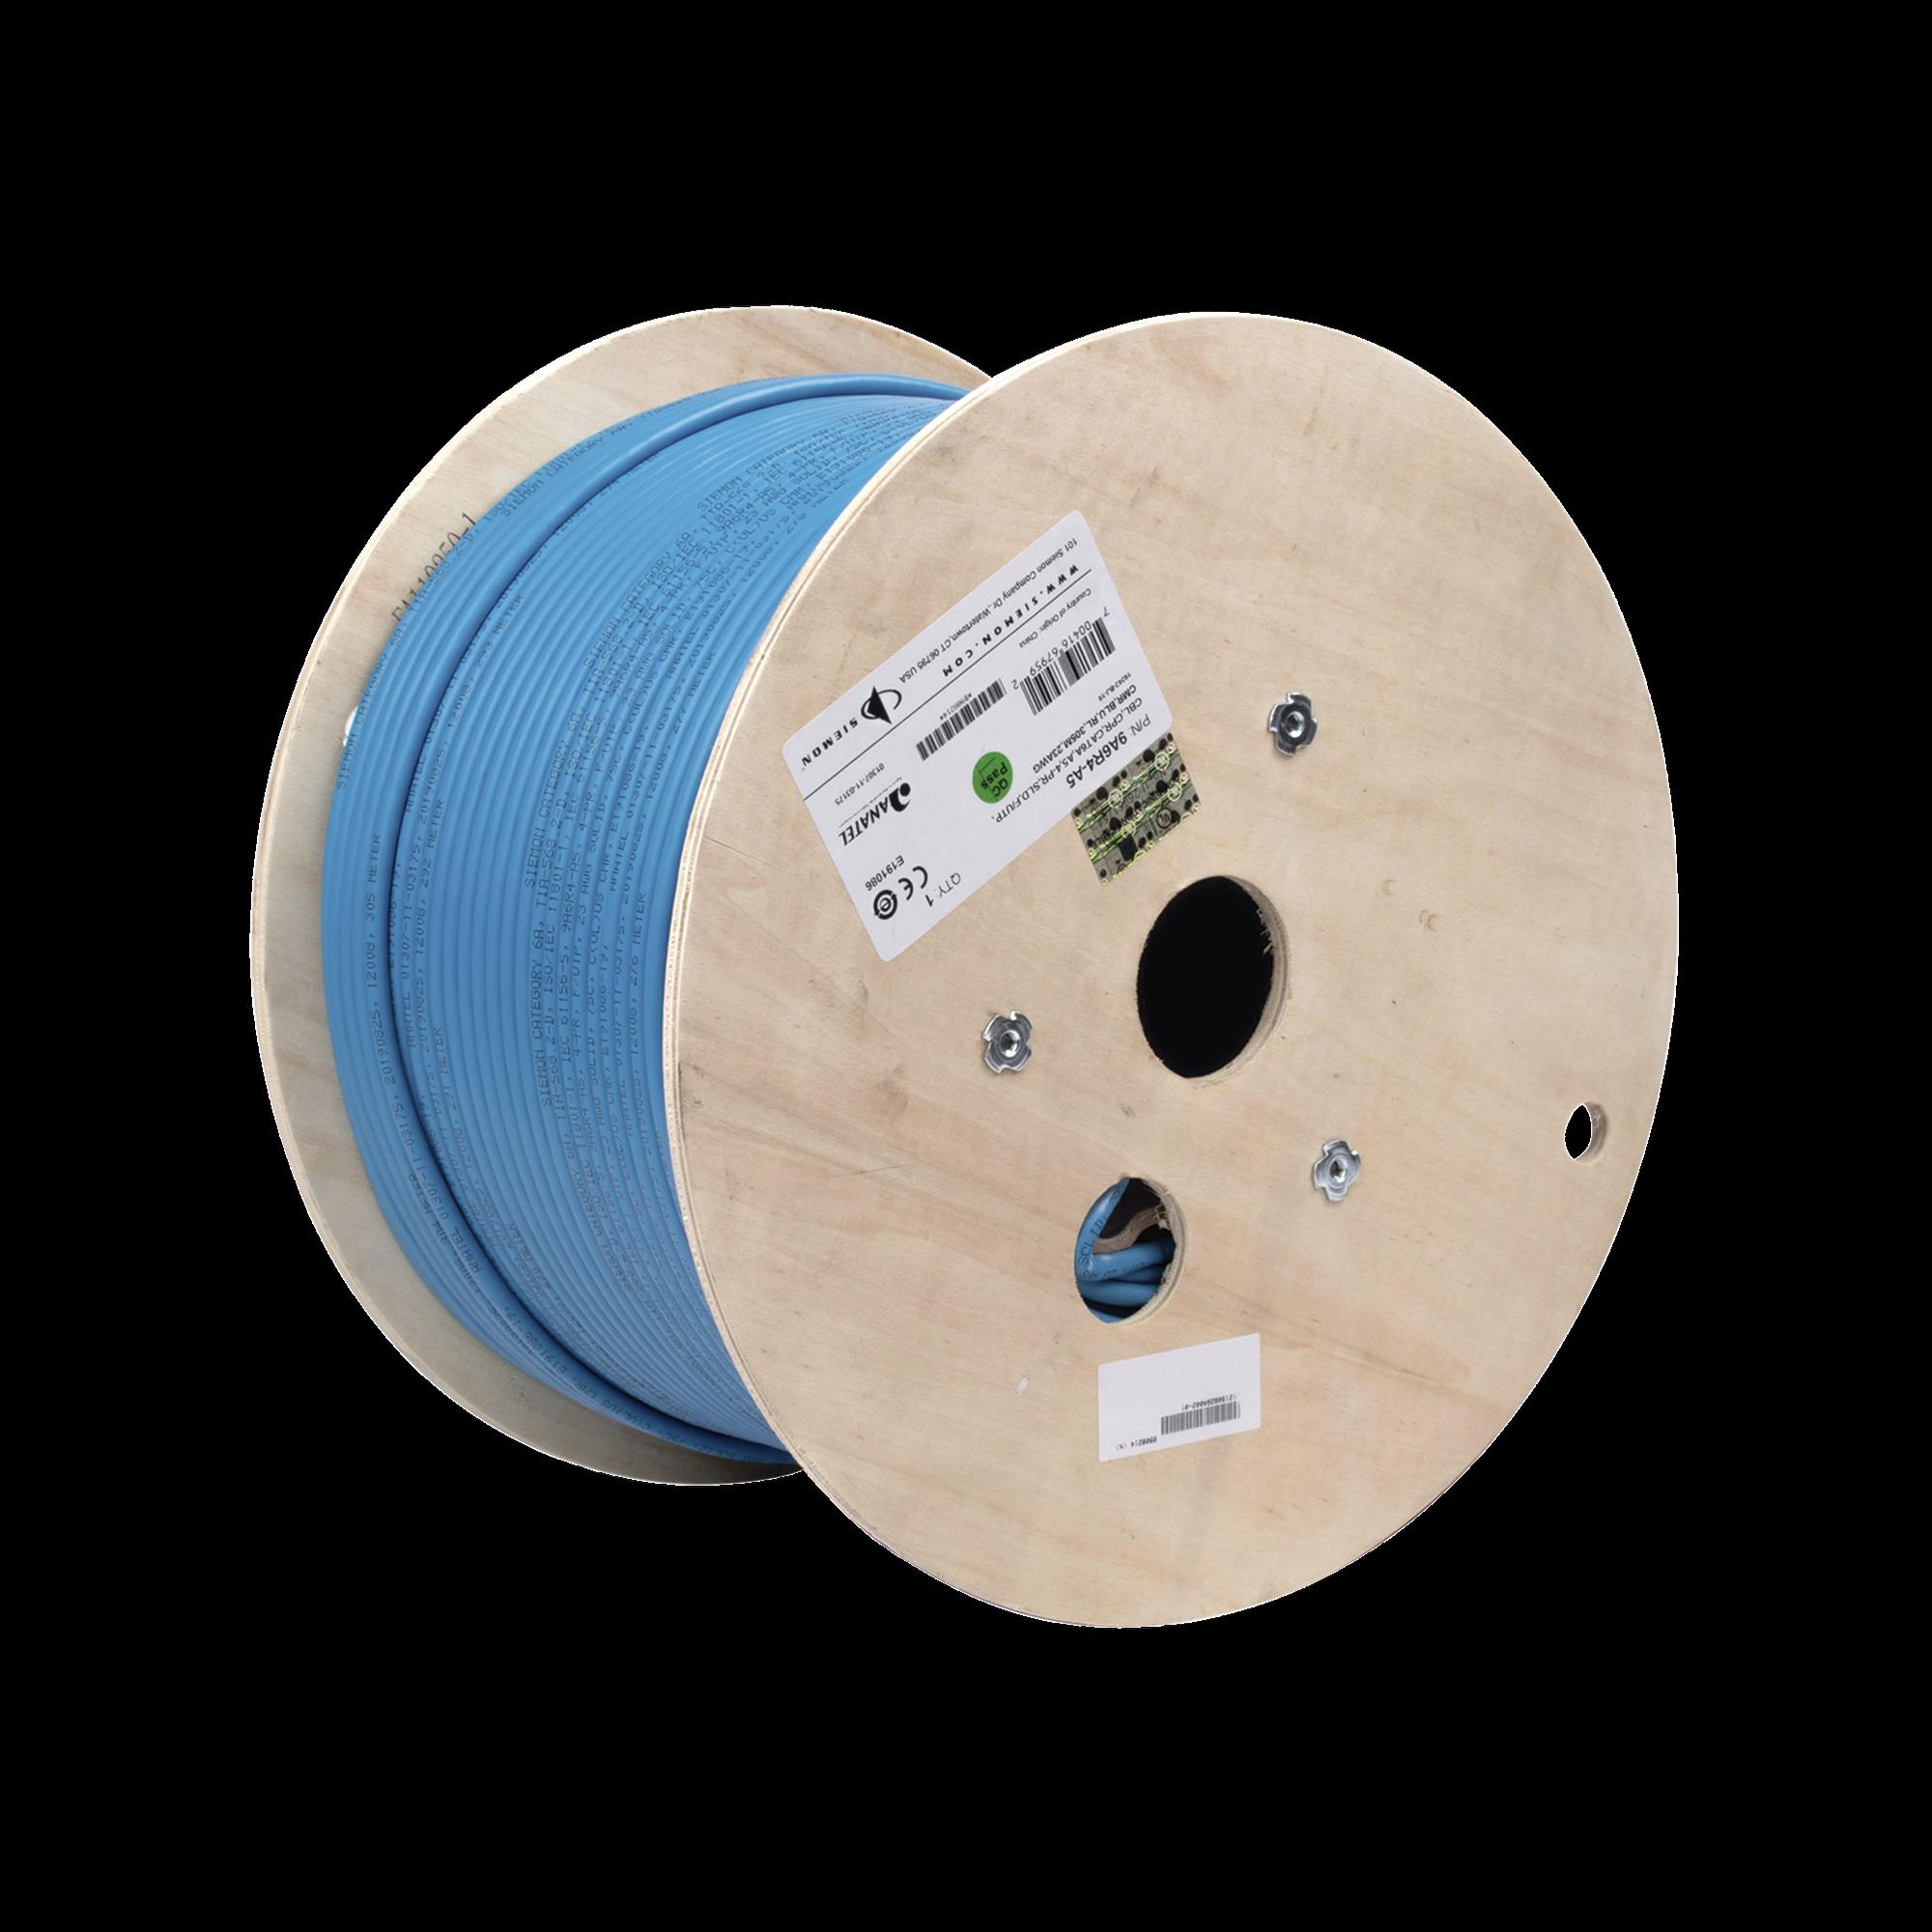 Bobina de Cable Blindado F/UTP de 4 Pares, Z-MAX, Cat6A, Soporte de Aplicaciones 10GBase-T, CMR (Riser), Color Azul, 305m